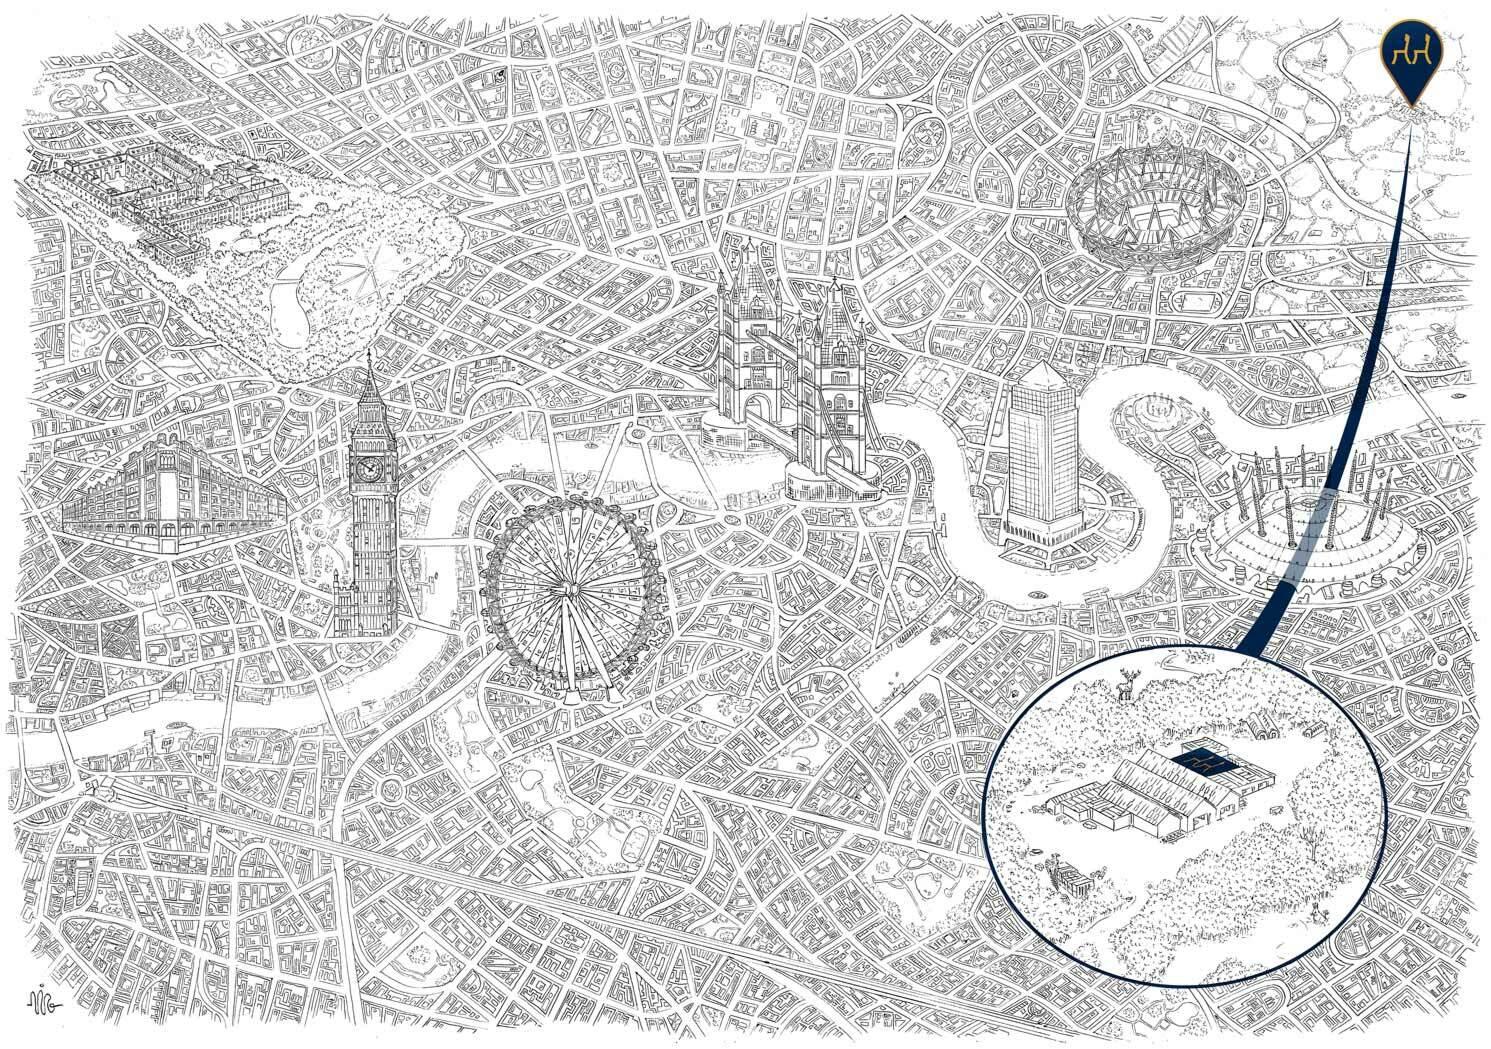 KAIZEN-MAP-130421.jpg